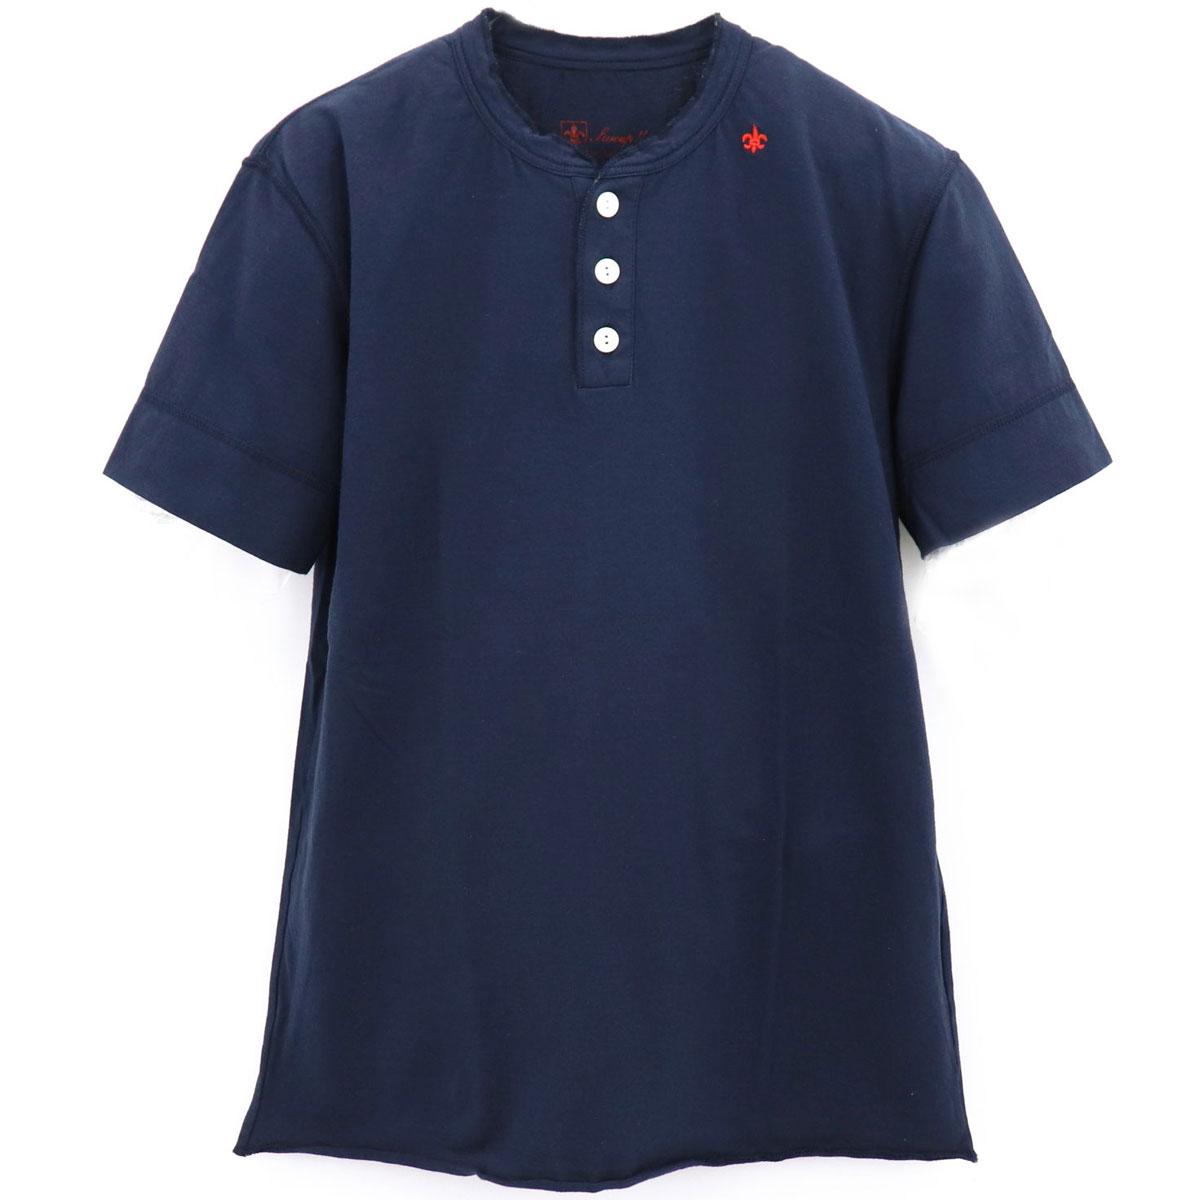 ヘンリーネックTシャツ(NAVY)